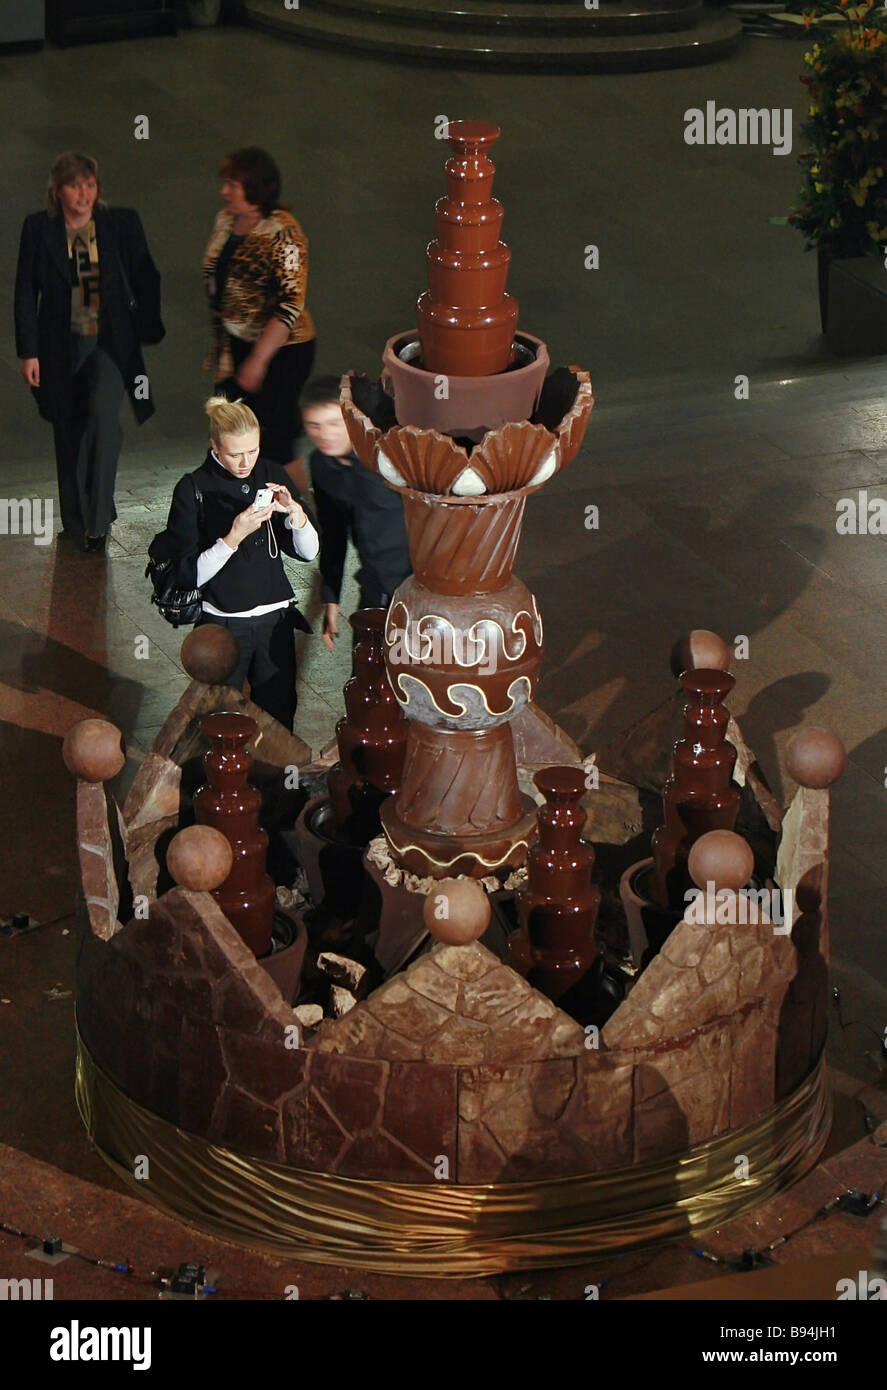 Un enorme fontana di solido e cioccolato liquido pesa più di 3 tonnellate ed è alto 3 metri e 2 metri Immagini Stock